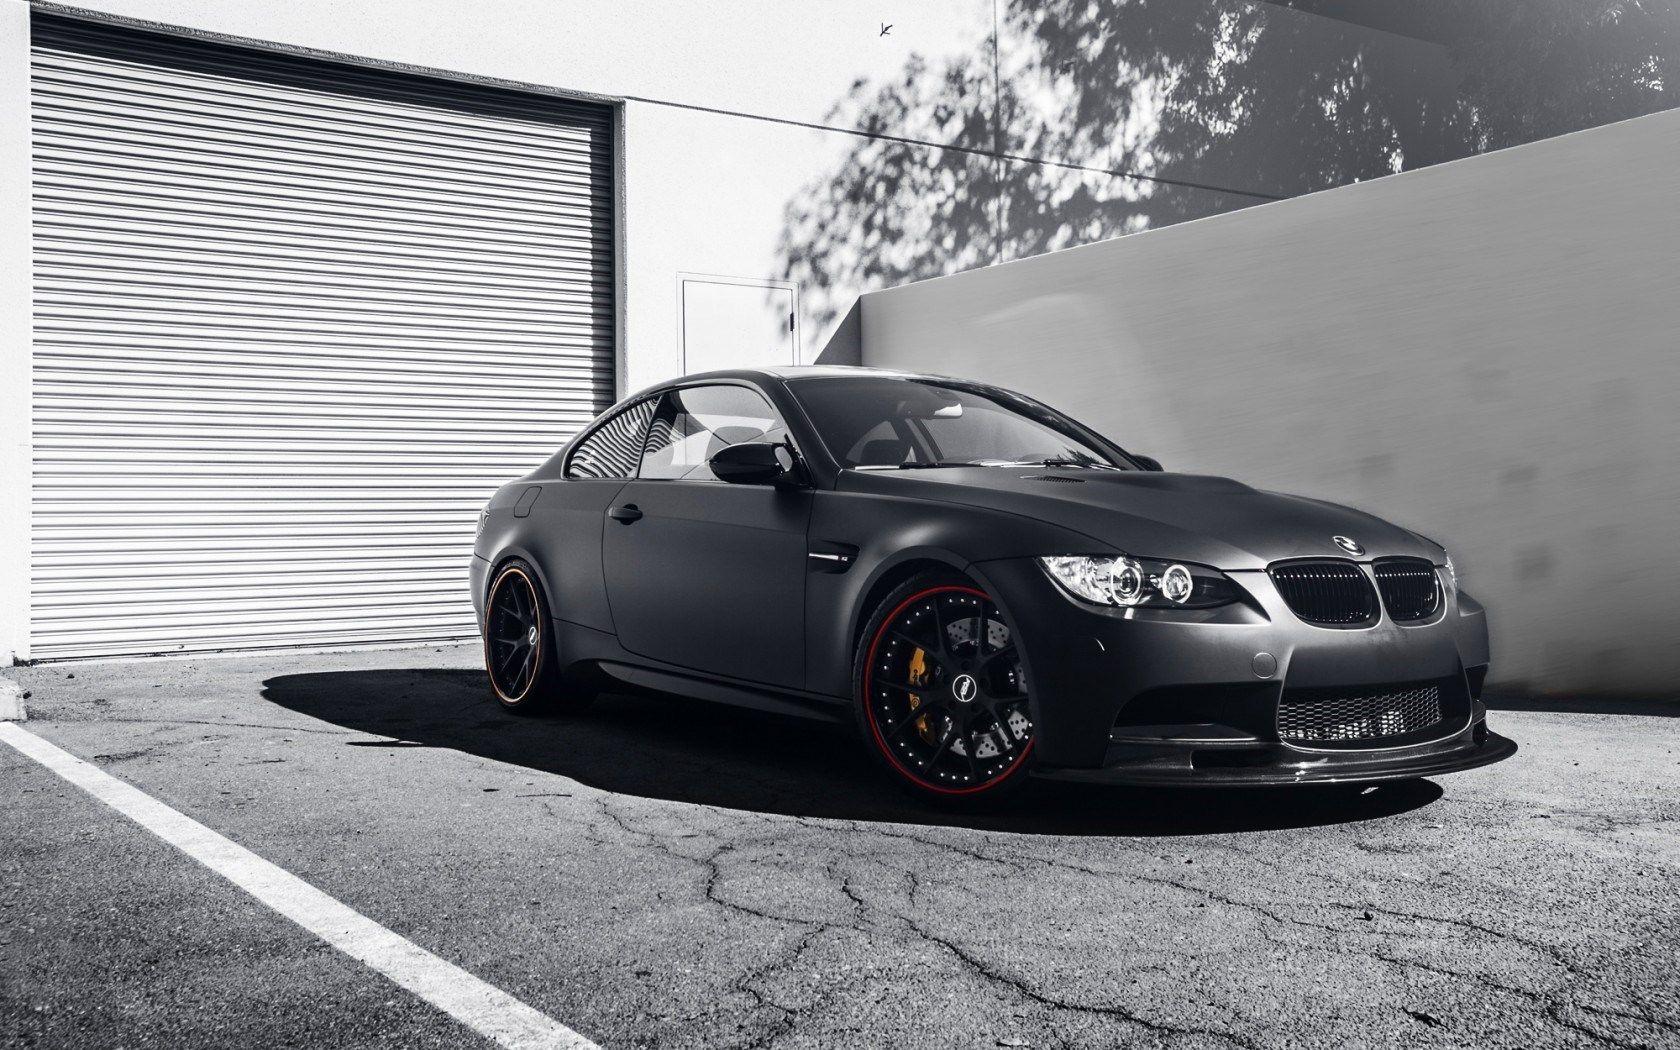 Car Bmw M3 Coupe Garage Matte Black Hd Wallpaper Zoomwalls Bmw M3 Wallpaper Bmw M3 Bmw